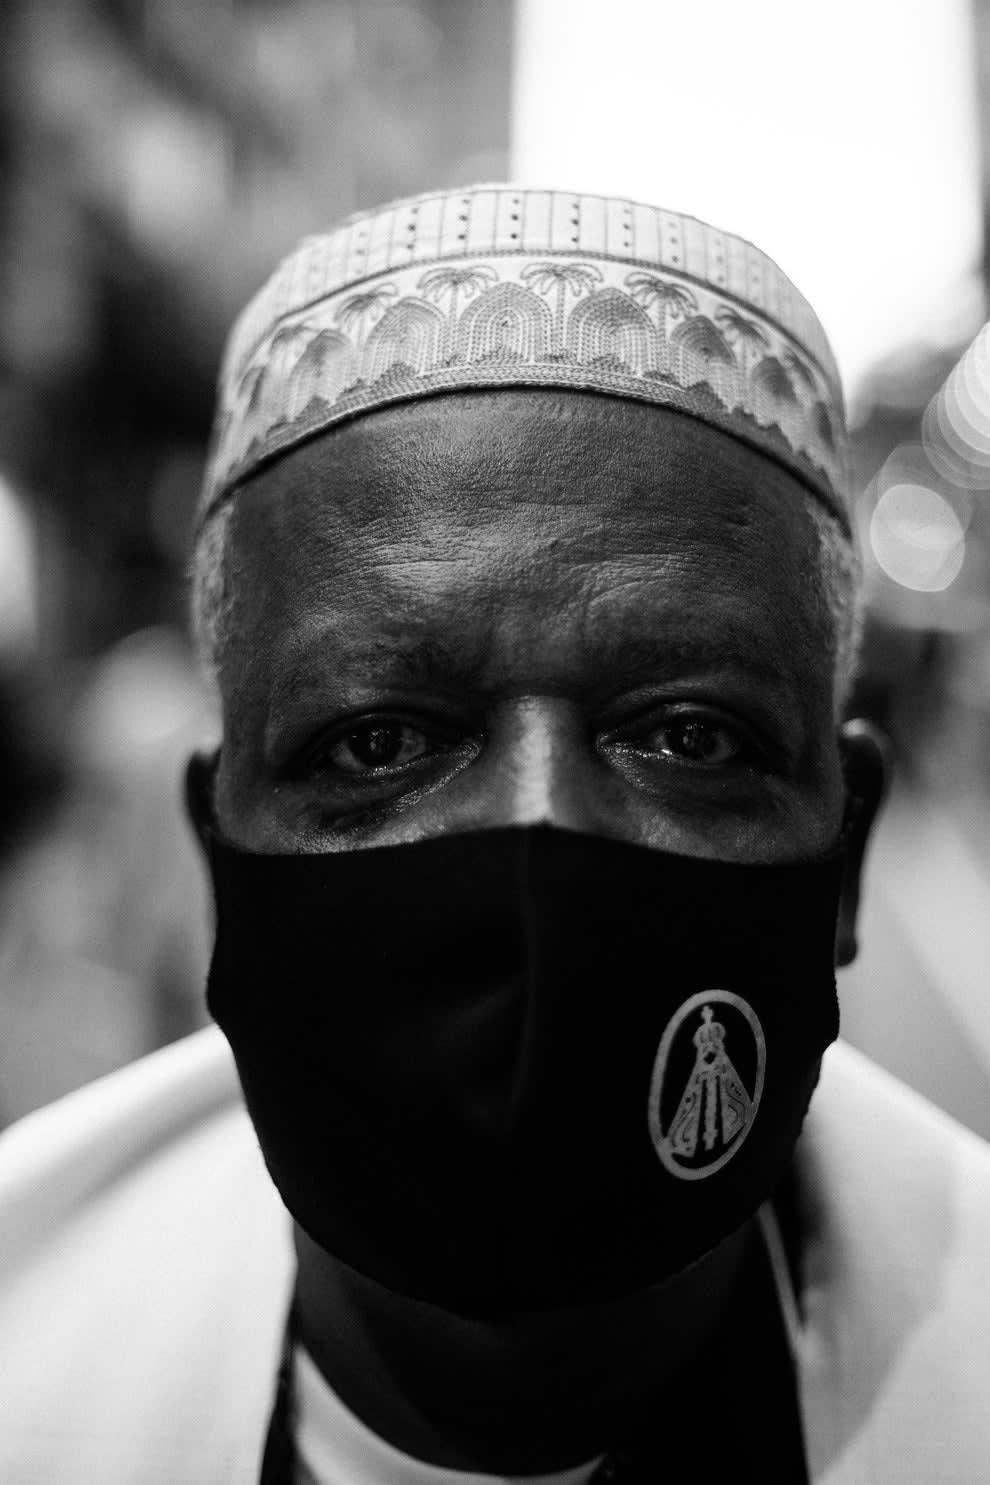 Rosto de homem negro usando chapéu branco com estampa afro e máscara preta com estampa de Nossa Senhora Aparecida.